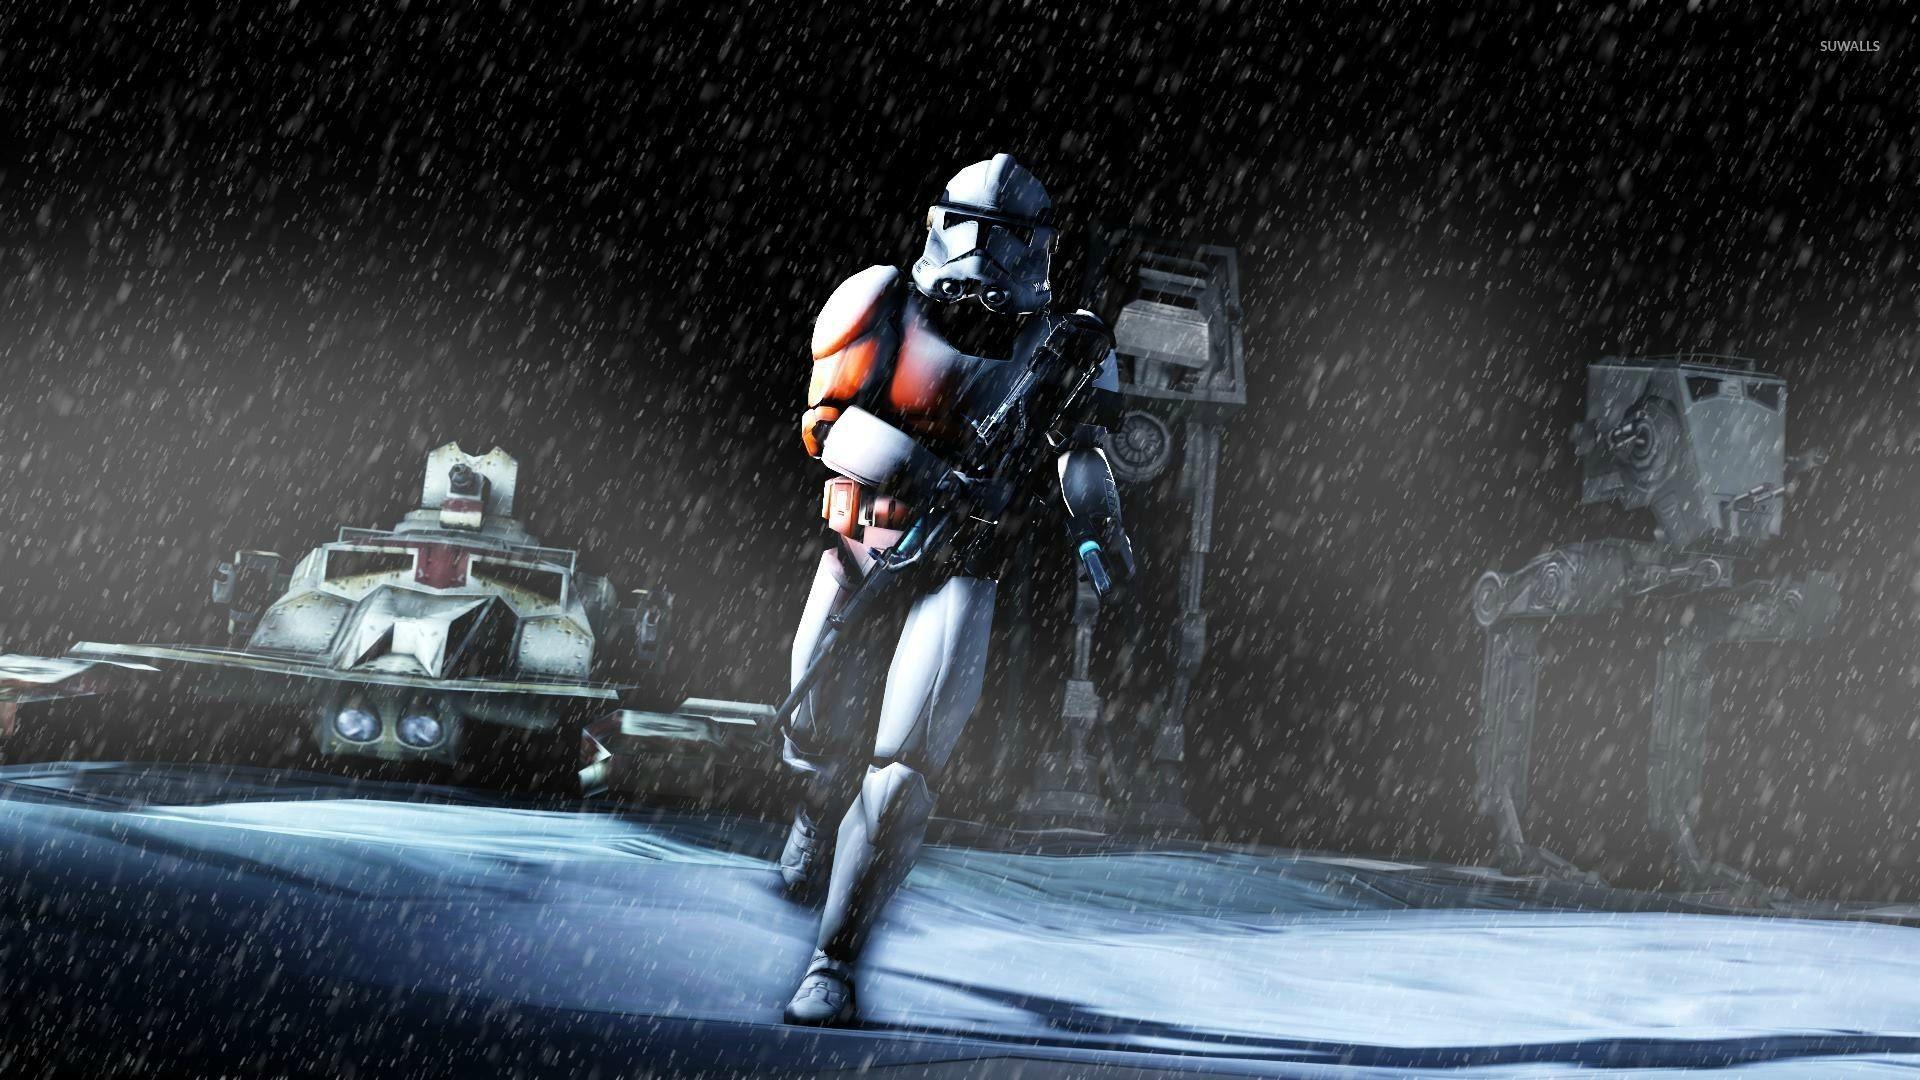 Star Wars Battlefield 4 crossover wallpaper